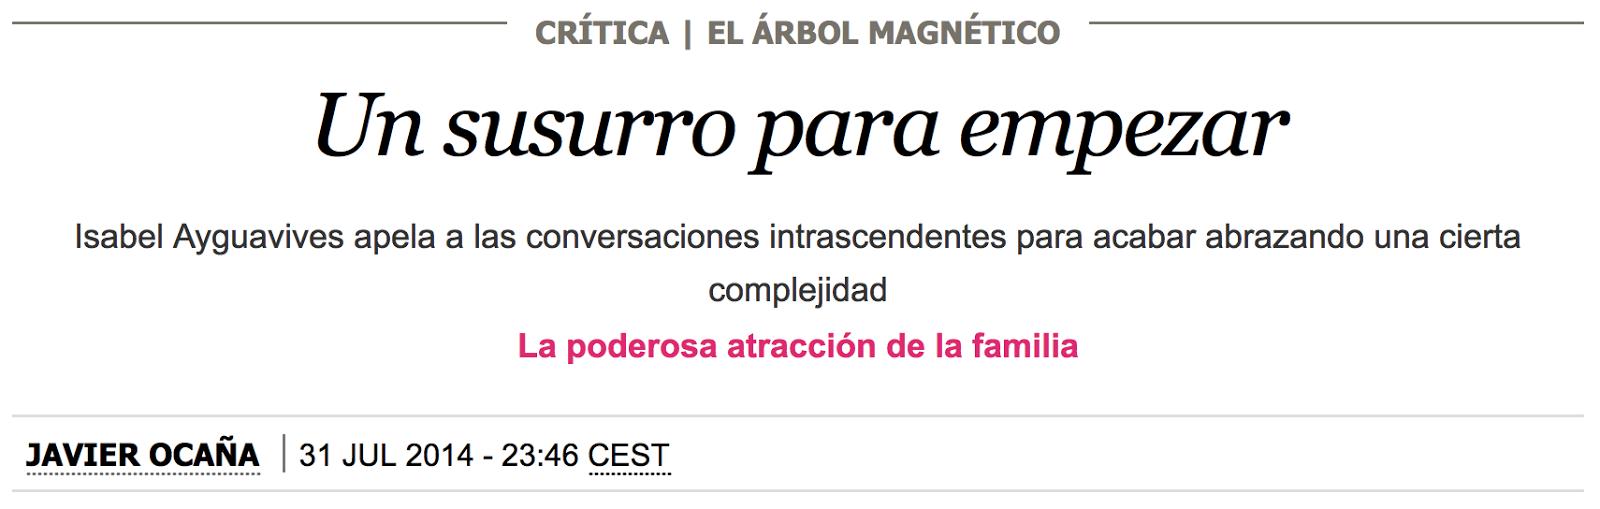 http://cultura.elpais.com/cultura/2014/07/31/actualidad/1406818553_263995.html